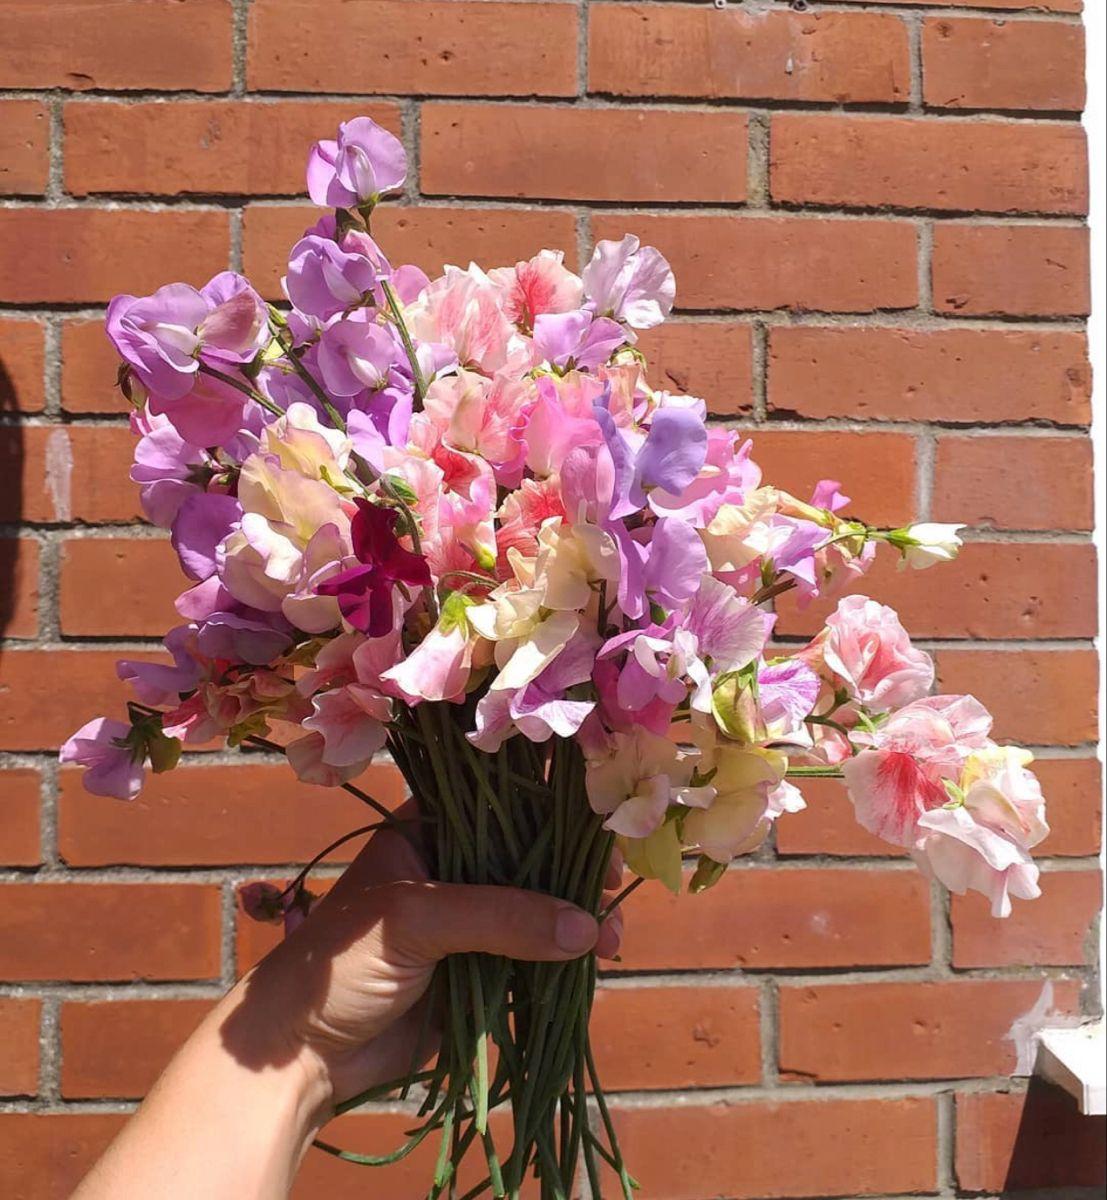 Buy Sweet Pea Online In 2020 Sweet Pea Flowers Flowers For Sale Pea Flower